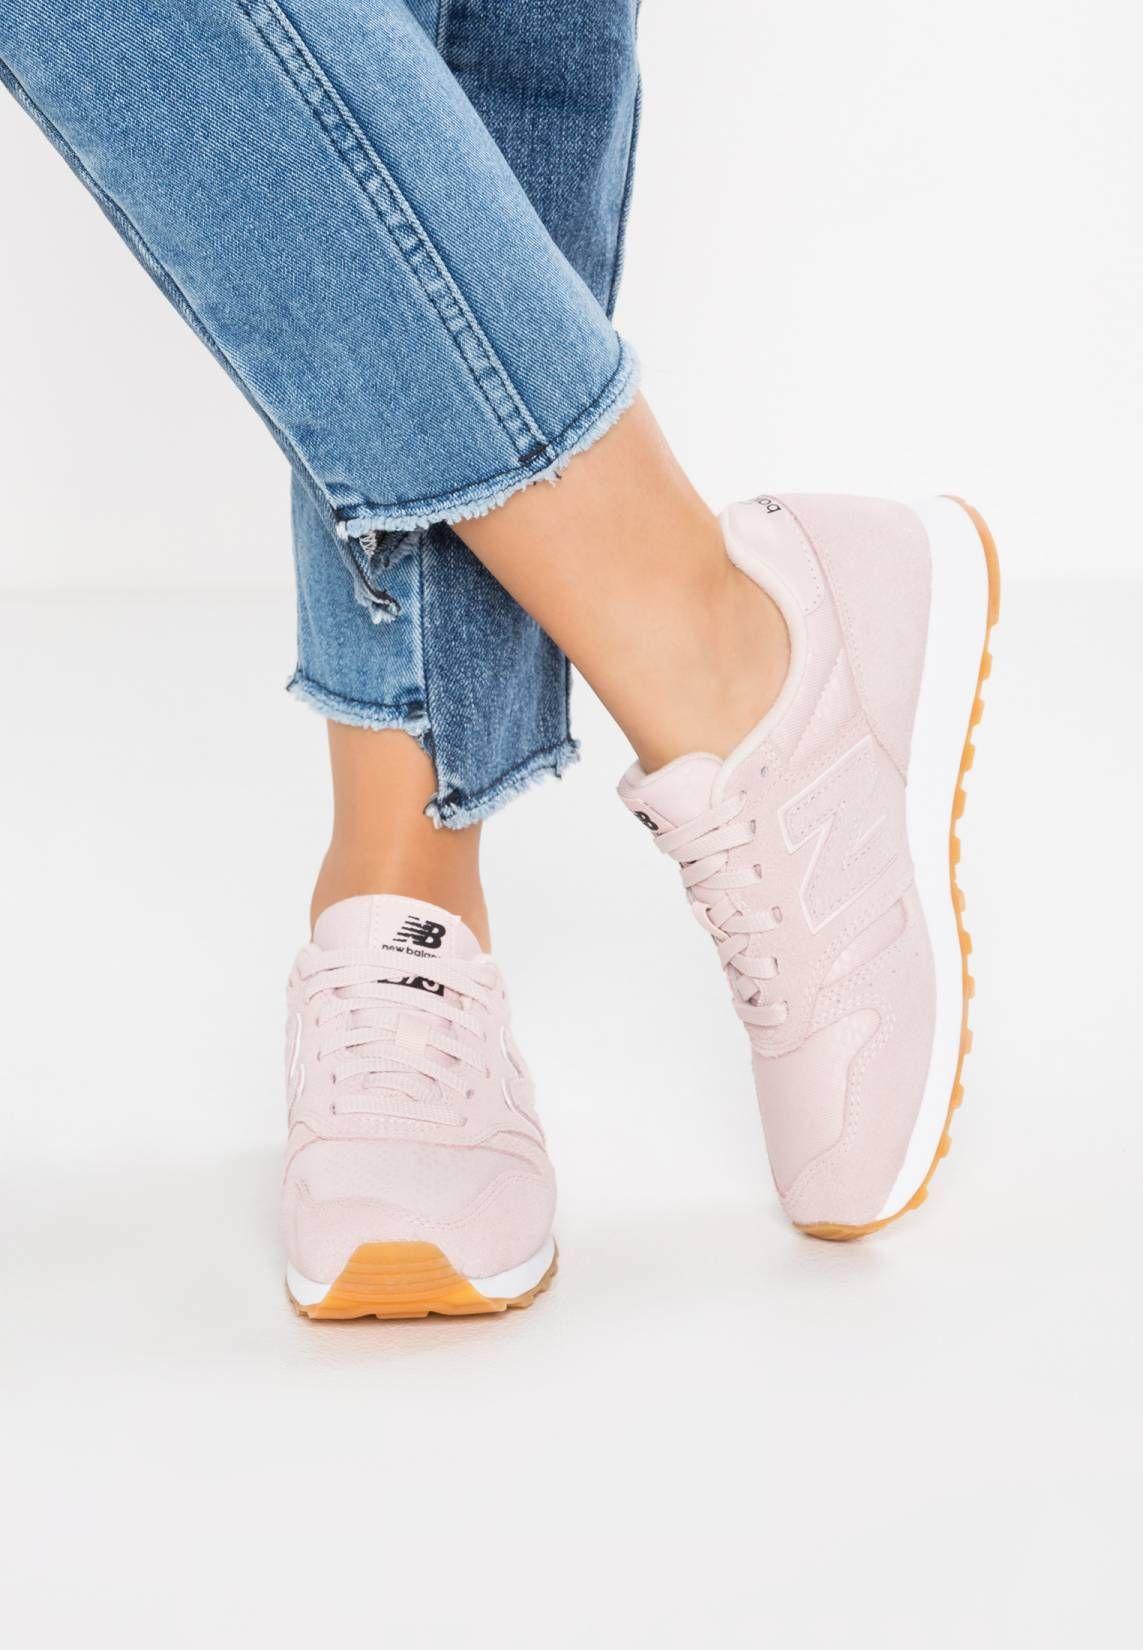 f6f52f92321a WL373 - Sneaker low - pink. Sohle Kunststoff. Decksohle Textil.  Innenmaterial Textil. Obermaterial Leder und Textil. Verschluss Schnürung.